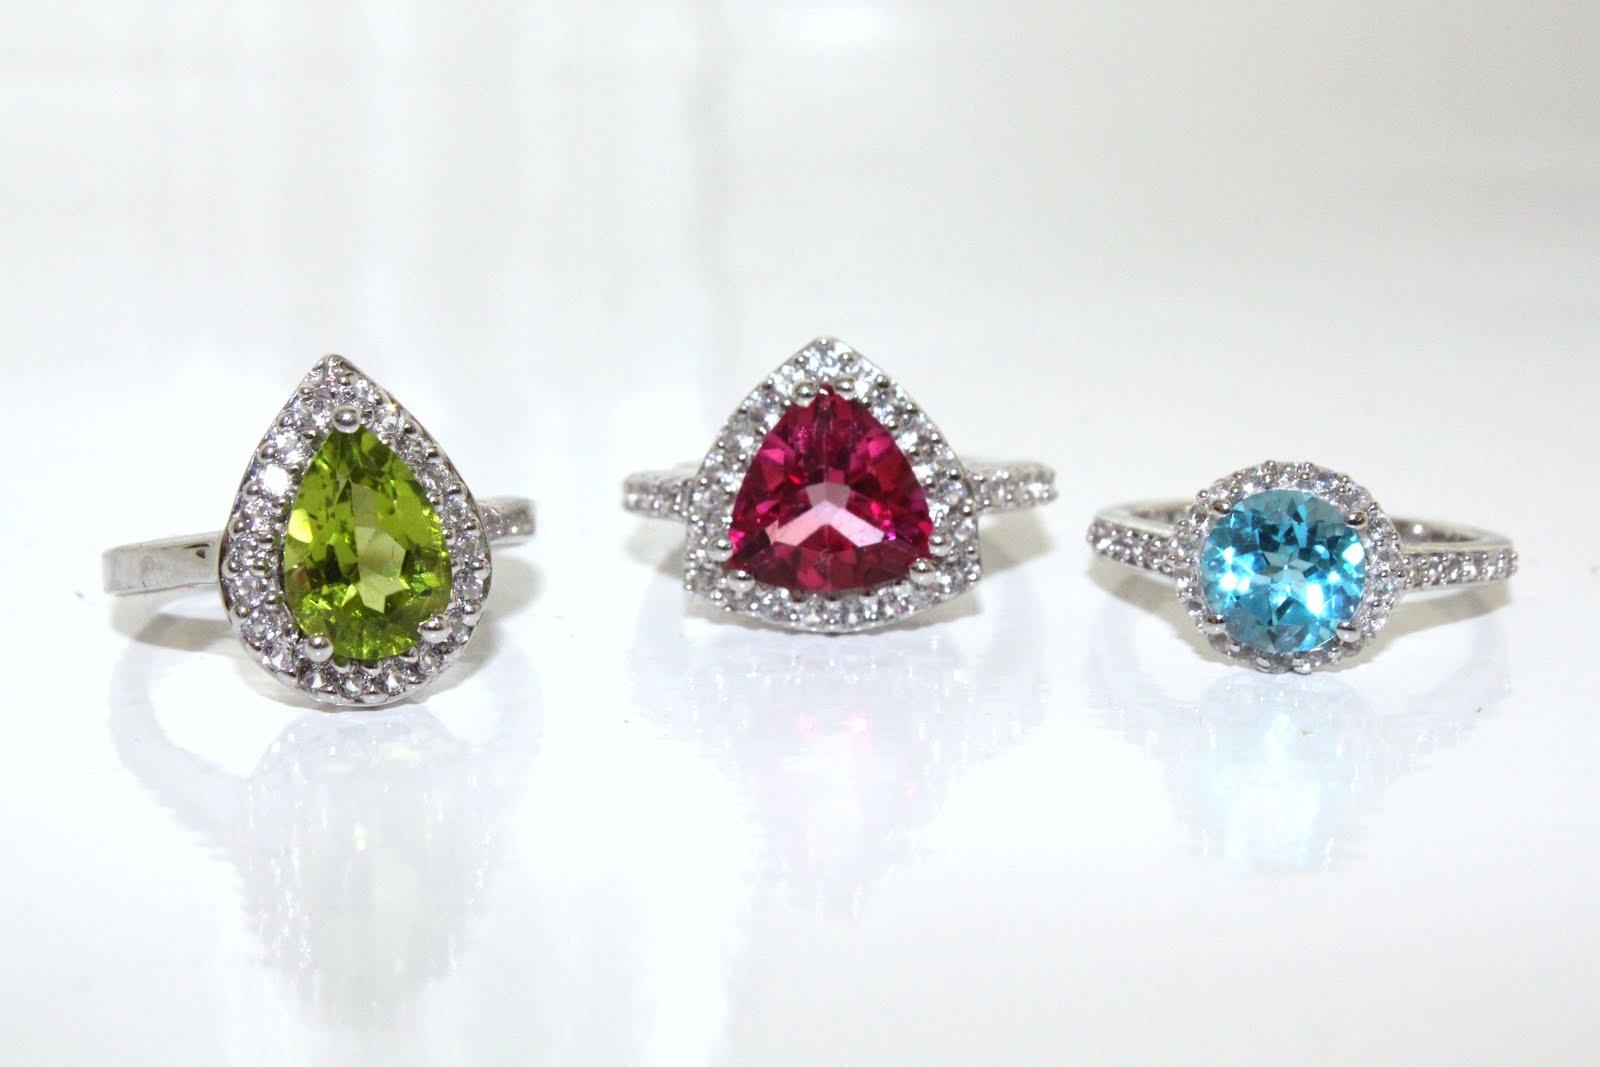 Gemporia gemstone jewellery jewelry changbai peridot mystic pink topaz white topaz swiss blue topaz sterling silver ring